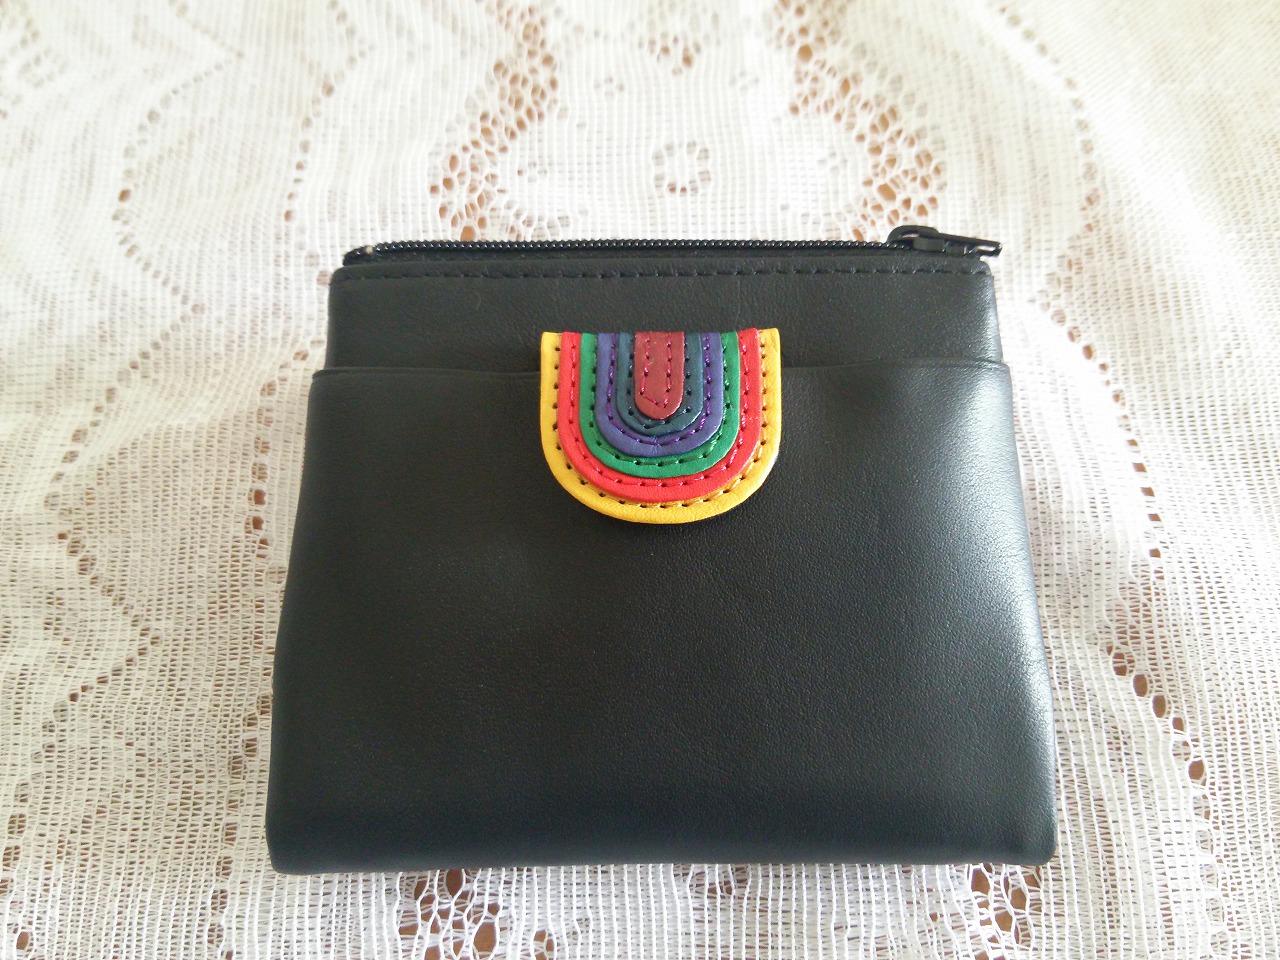 厄年なので、厄払いに行って厄除け効果の七色の財布をもらった件 in神戸